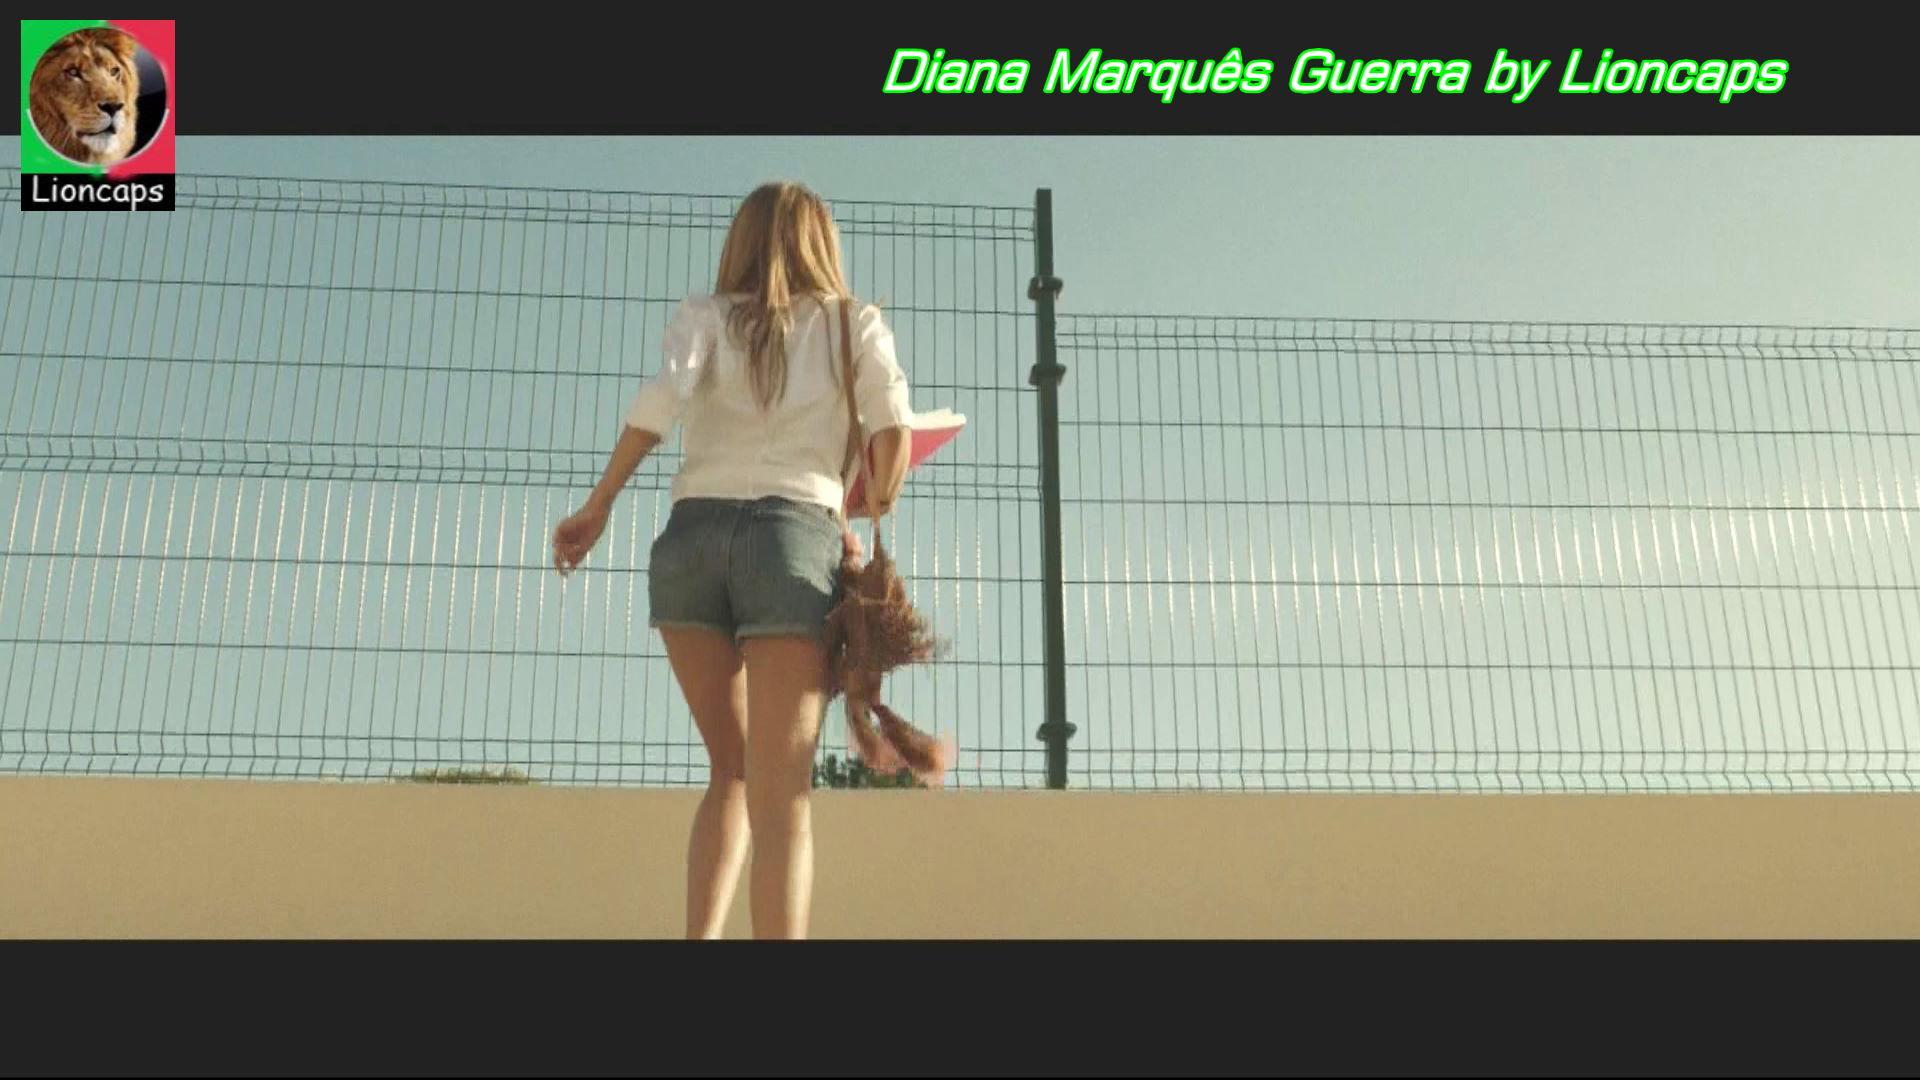 492746900_diana_marques_guerra_vs181117_0012_122_381lo.JPG